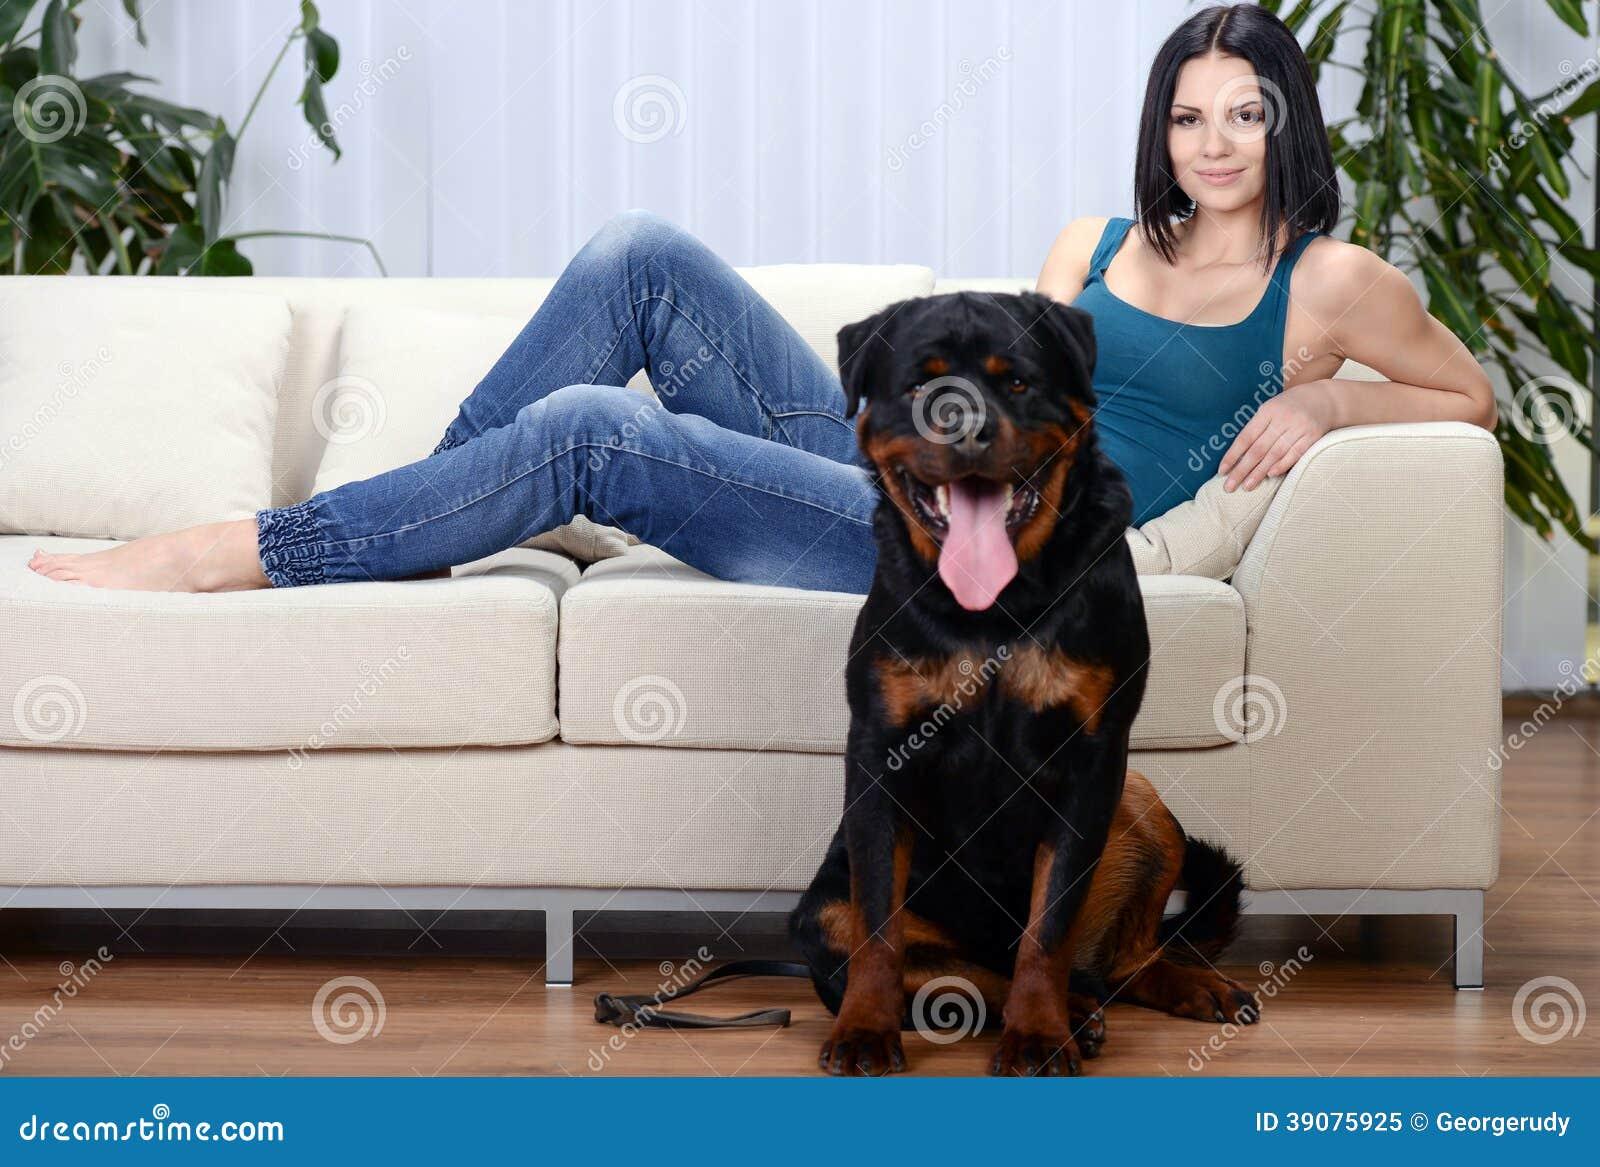 Frau Mit Einem Rottweiler-Hund Stockbild - Bild von